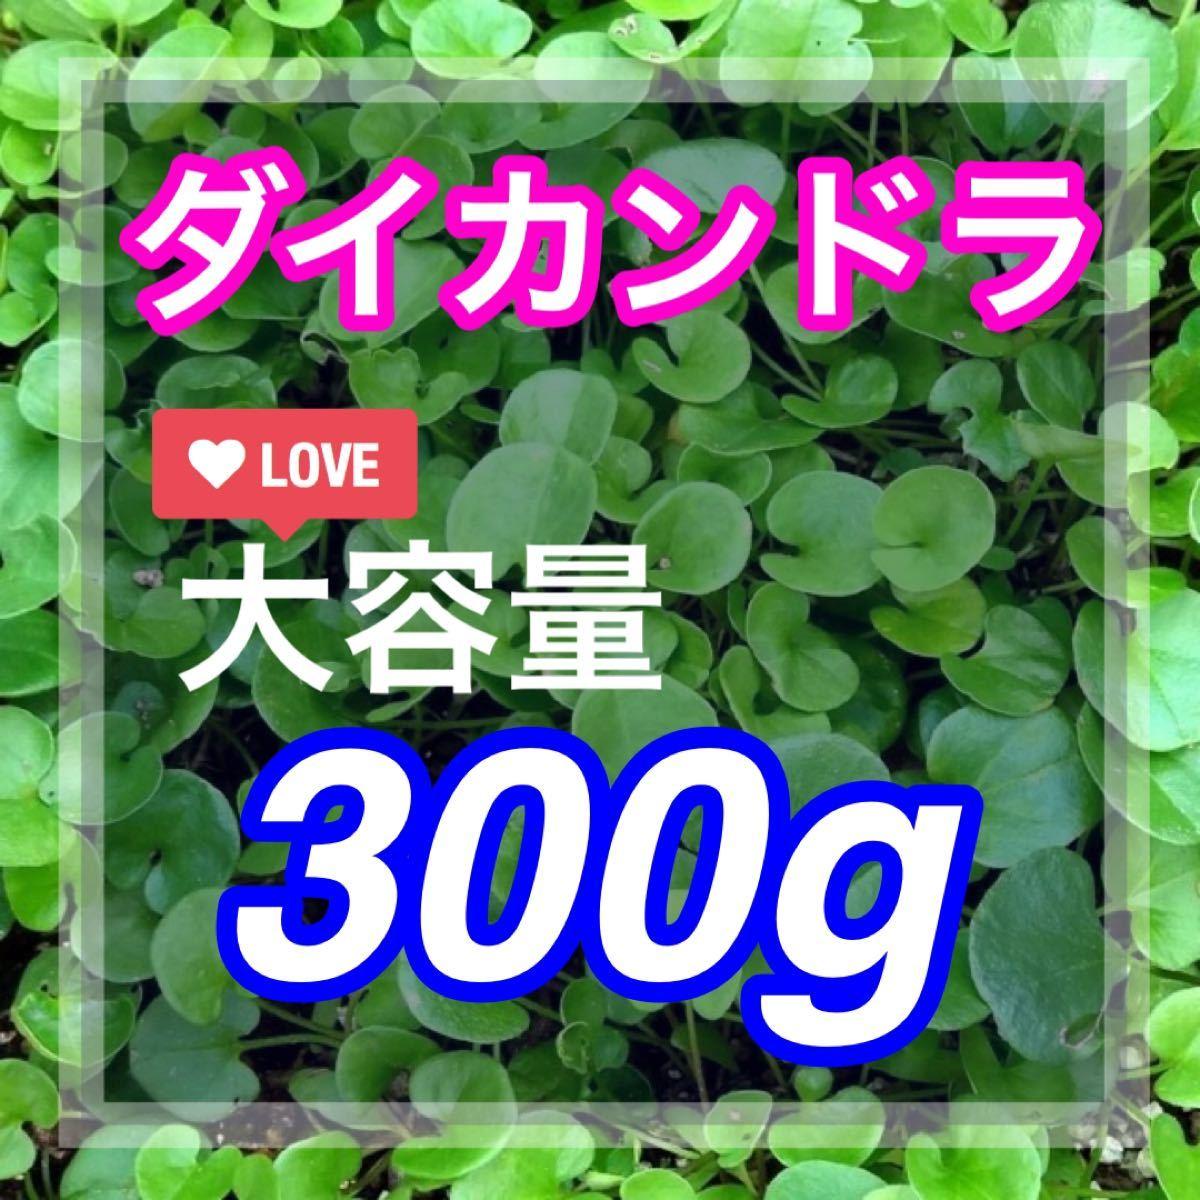 【最安値】ディコンドラ、ダイカンドラ 300g種子。お洒落グランドカバー、芝生へ